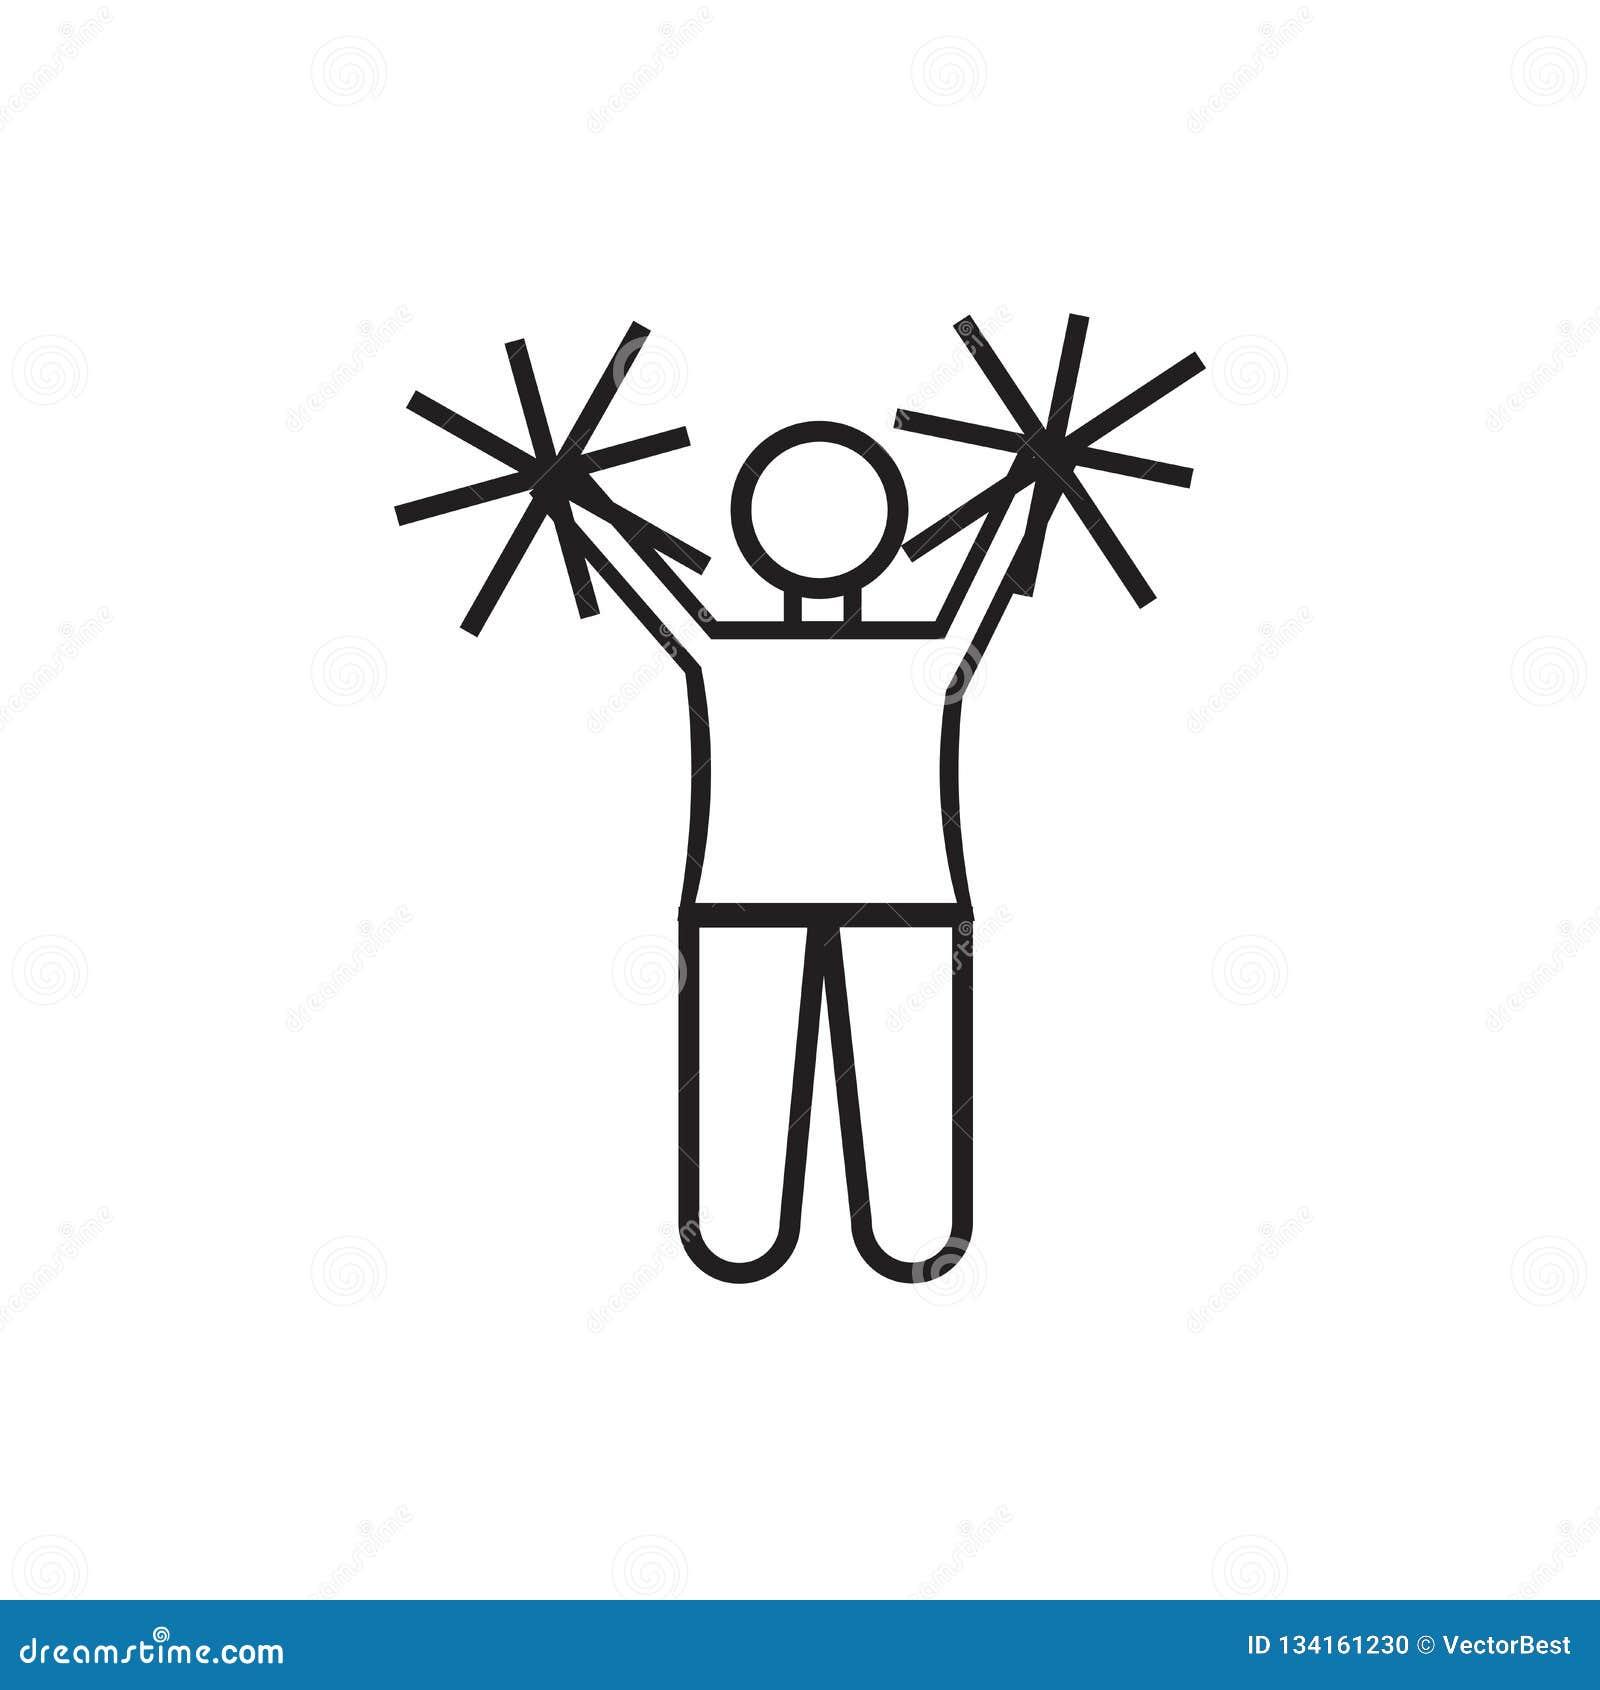 Αμερικανικού ποδοσφαίρου μαζορετών άλματος σημάδι και σύμβολο εικονιδίων διανυσματικό που απομονώνονται στο άσπρο υπόβαθρο, άλμα